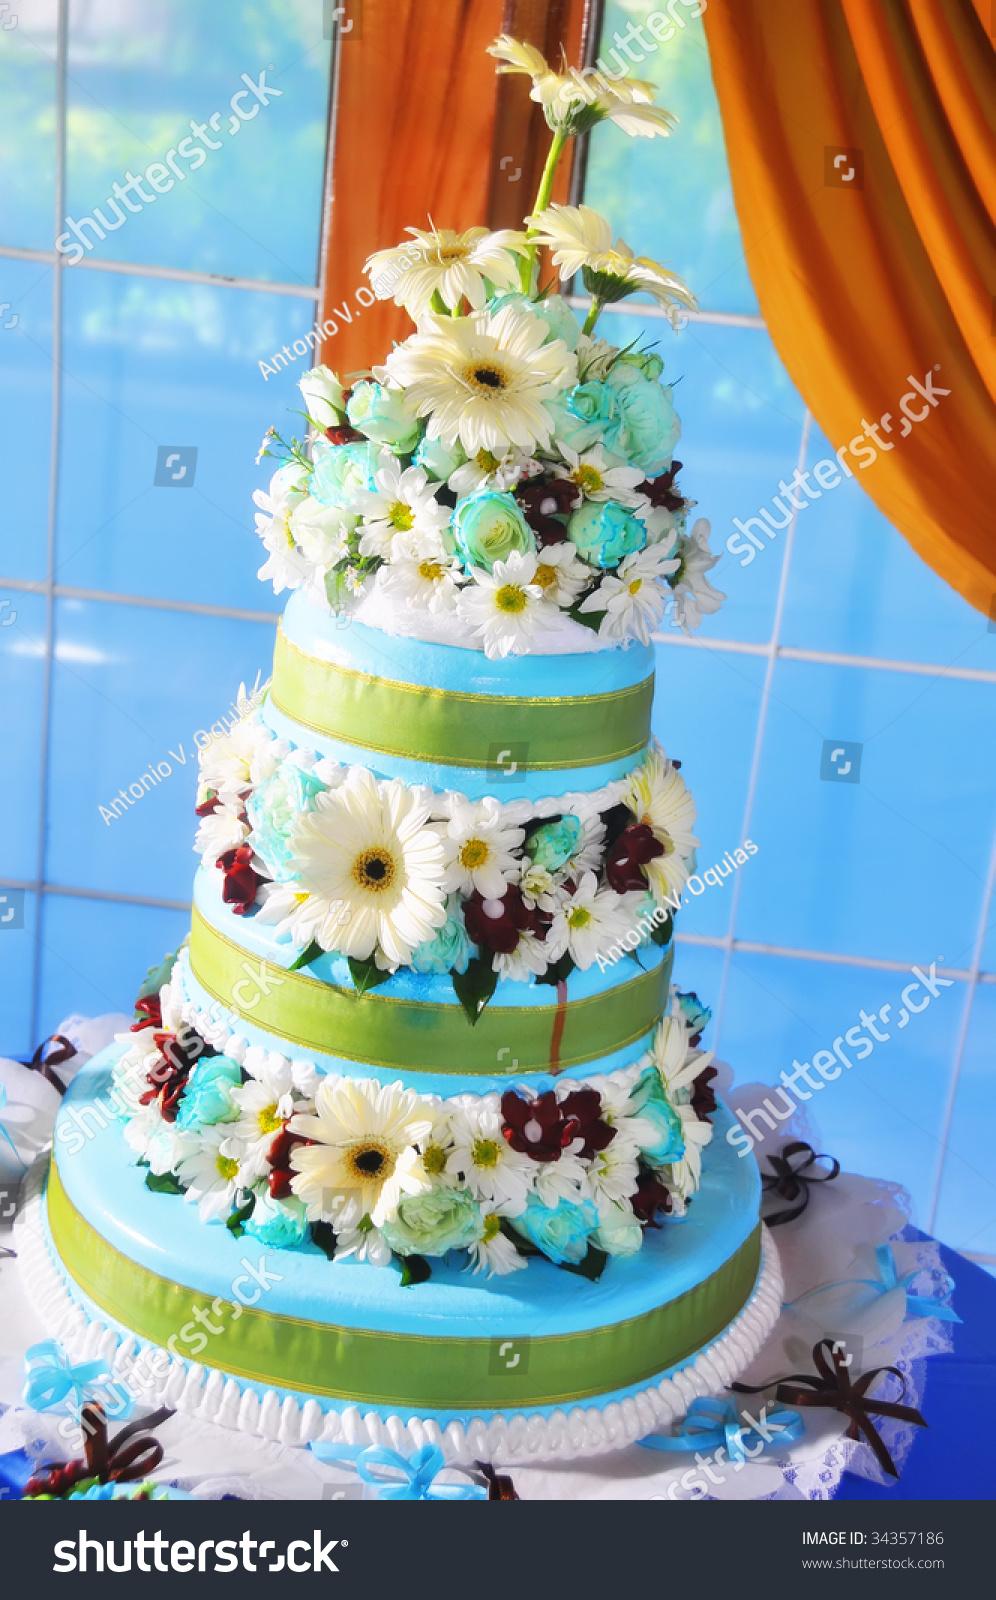 Layered Wedding Cake Against Window Stock Photo 34357186 - Layered Wedding Cake